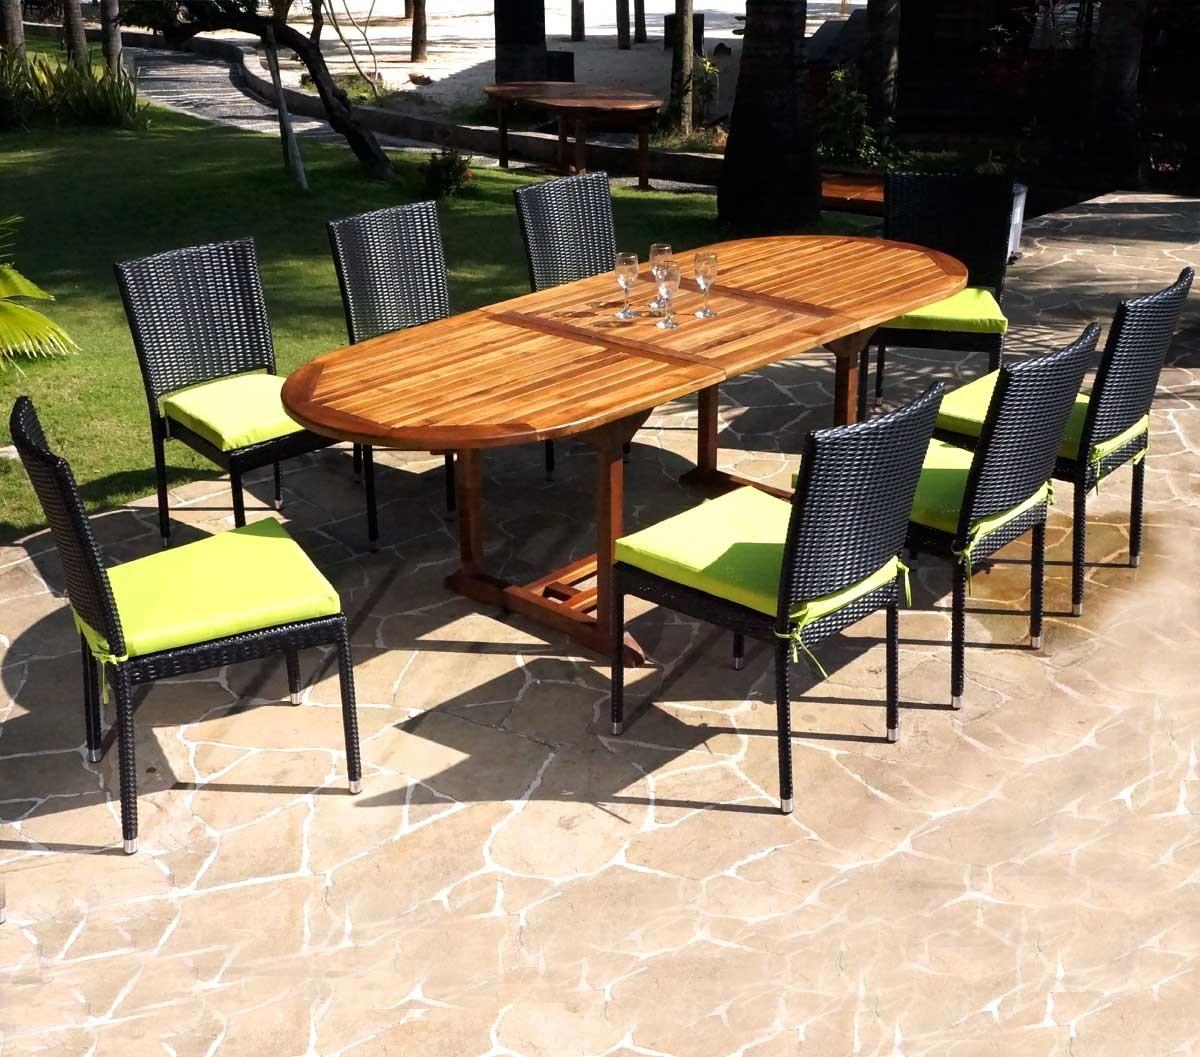 Détails sur ensemble de jardin table en teck et chaises en résine tressée -  8 places